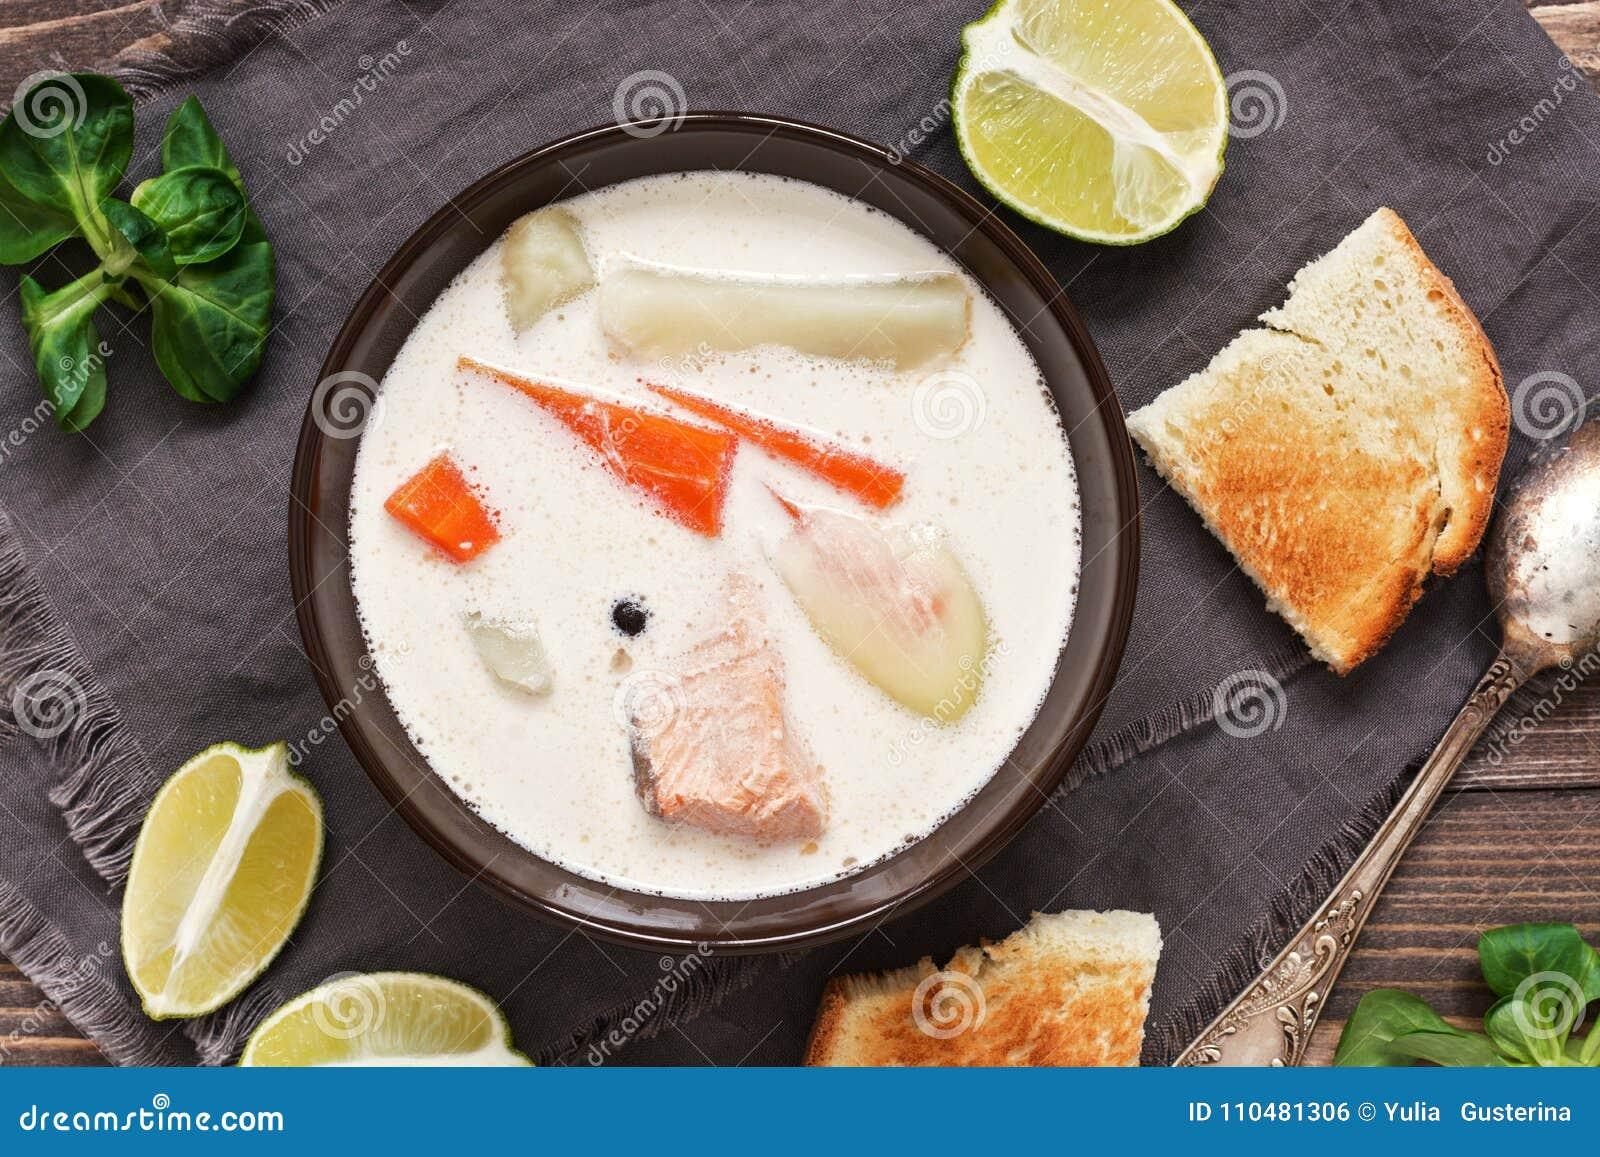 Soupe saumonée avec des pommes de terre, carottes, crème Soupe scandinave et norvégienne à poissons sur un fond en bois rustique